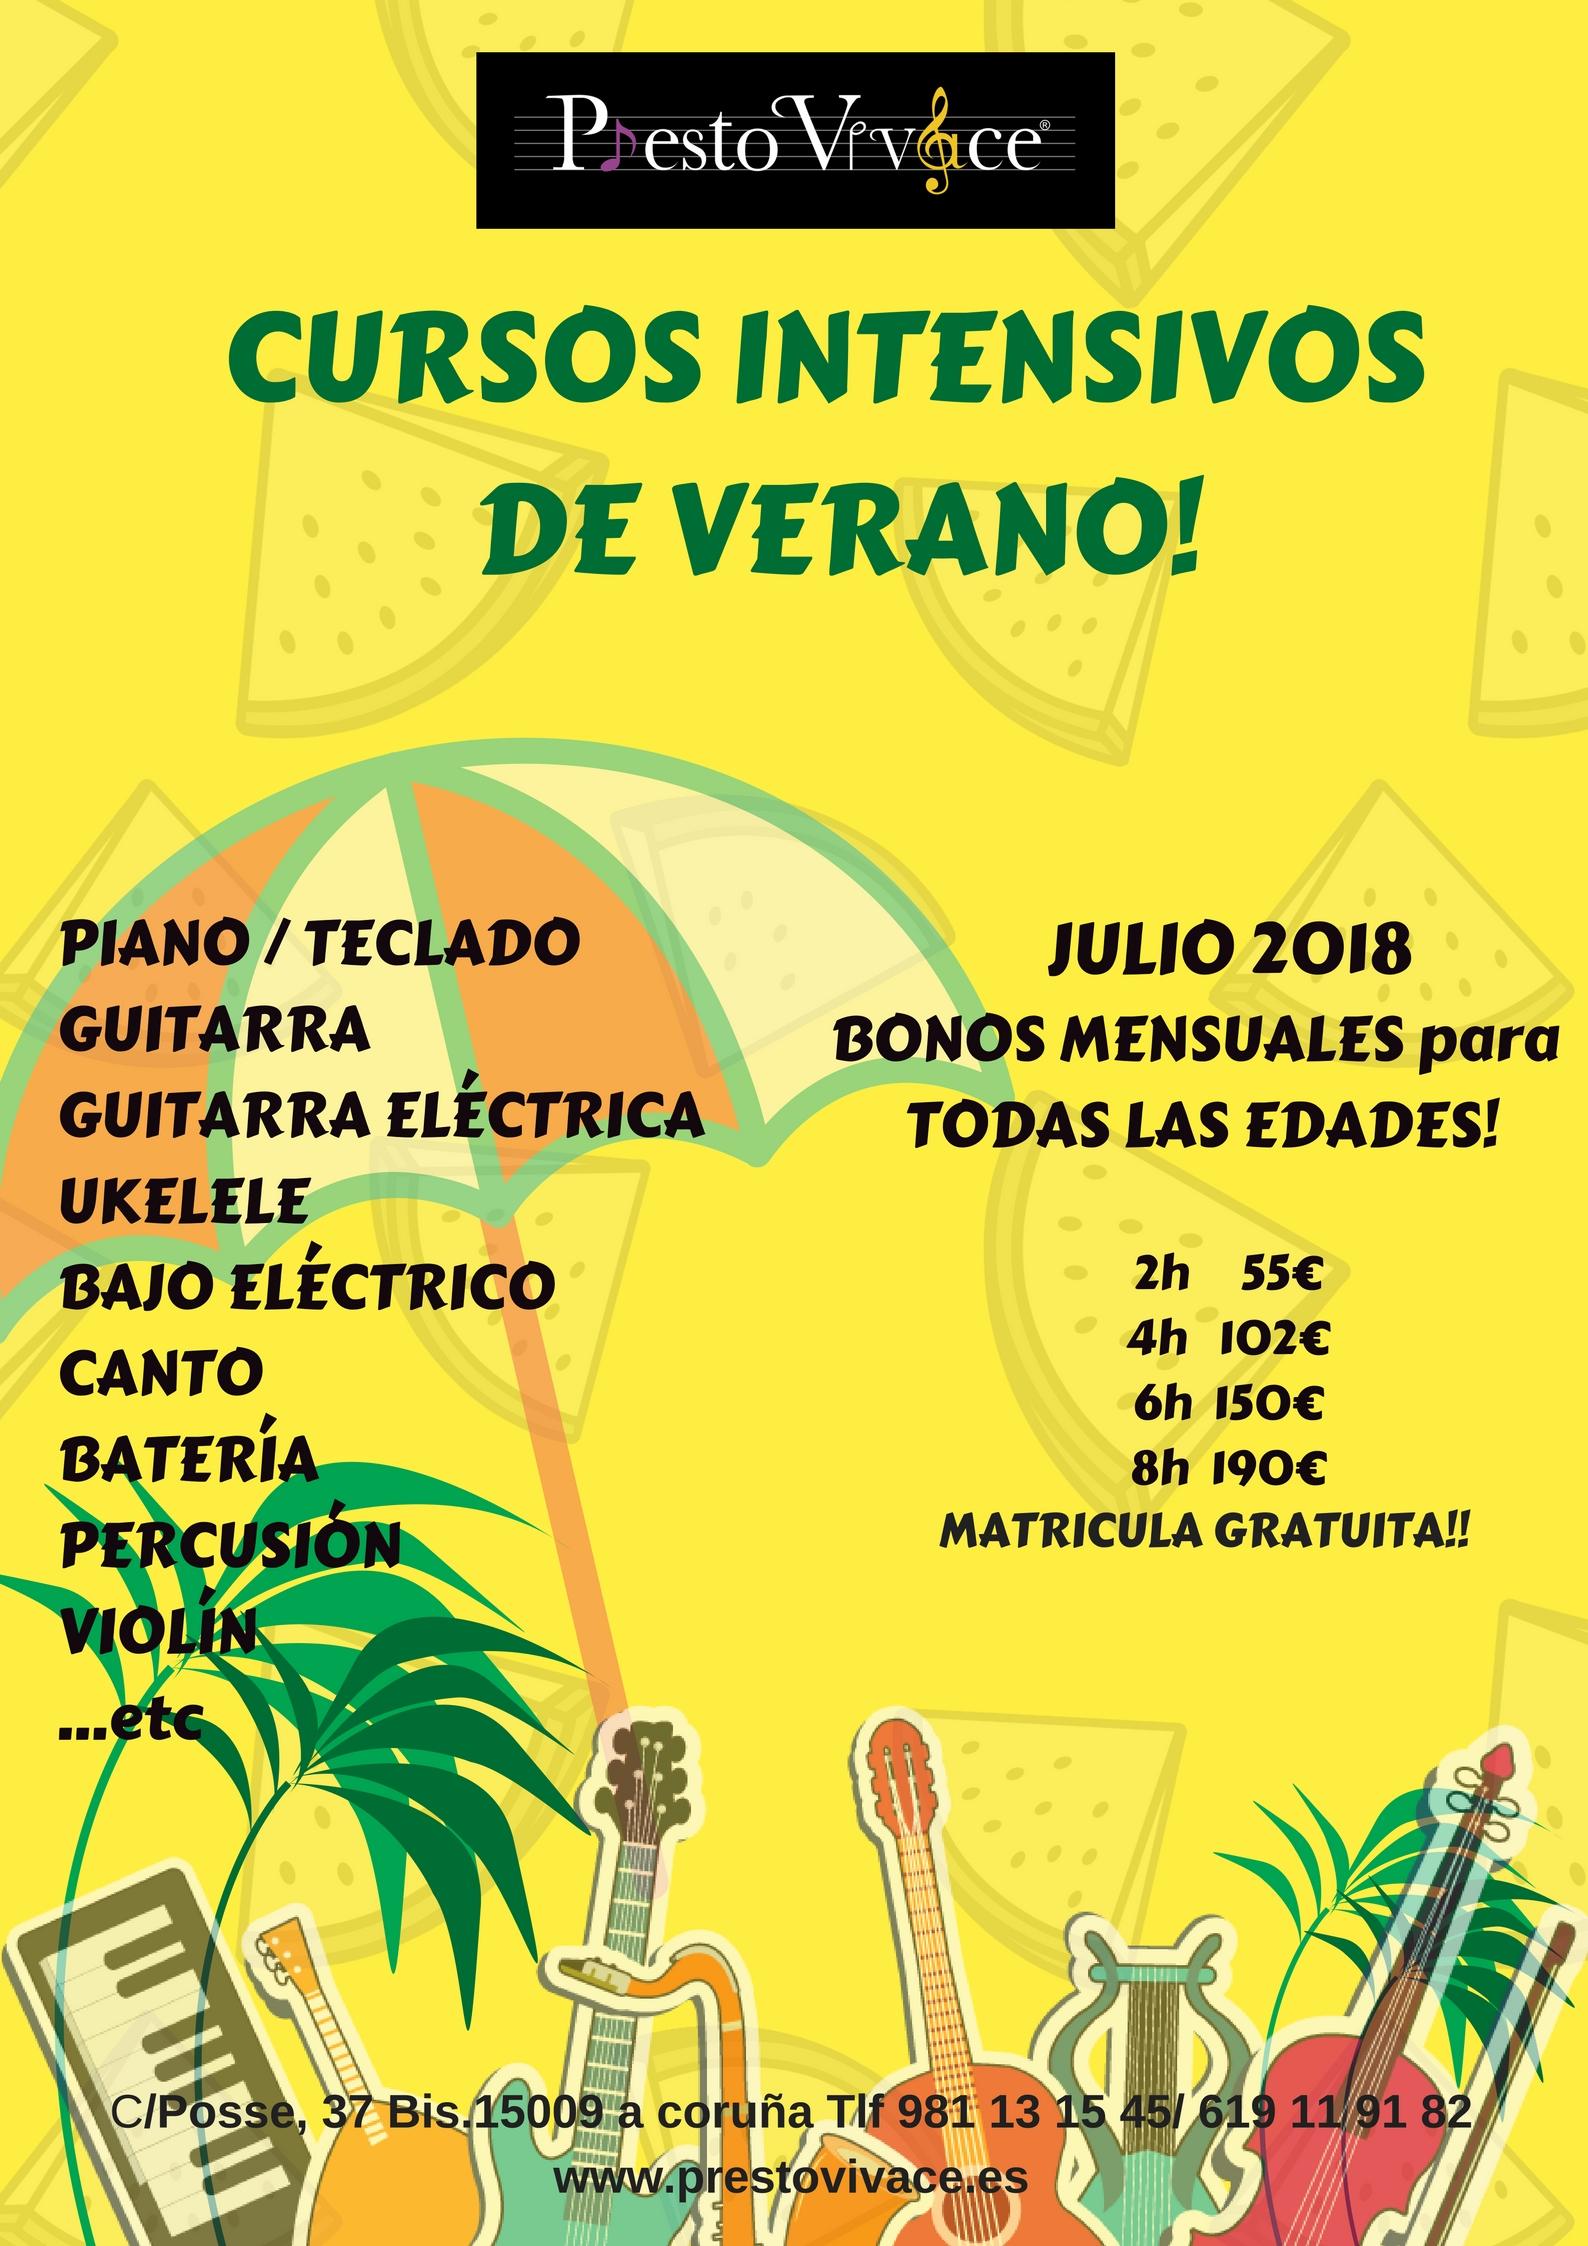 C/ Posse ,37 Bis. 15009 a Coruña www.prestovivace.es